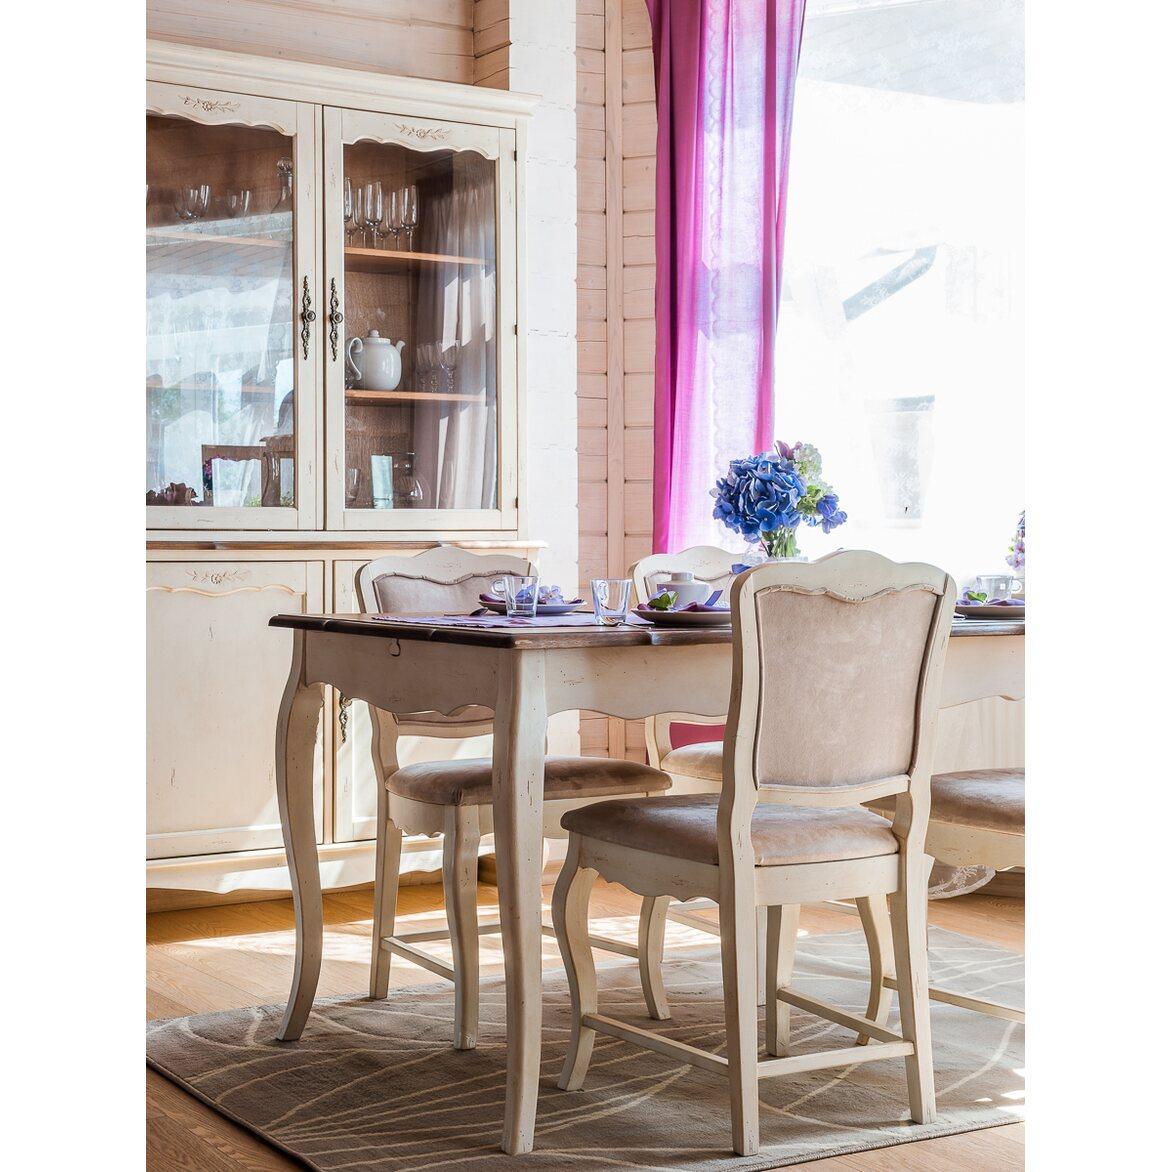 Стул с мягким сиденьем Leontina, бежевого цвета 5 | Обеденные стулья Kingsby